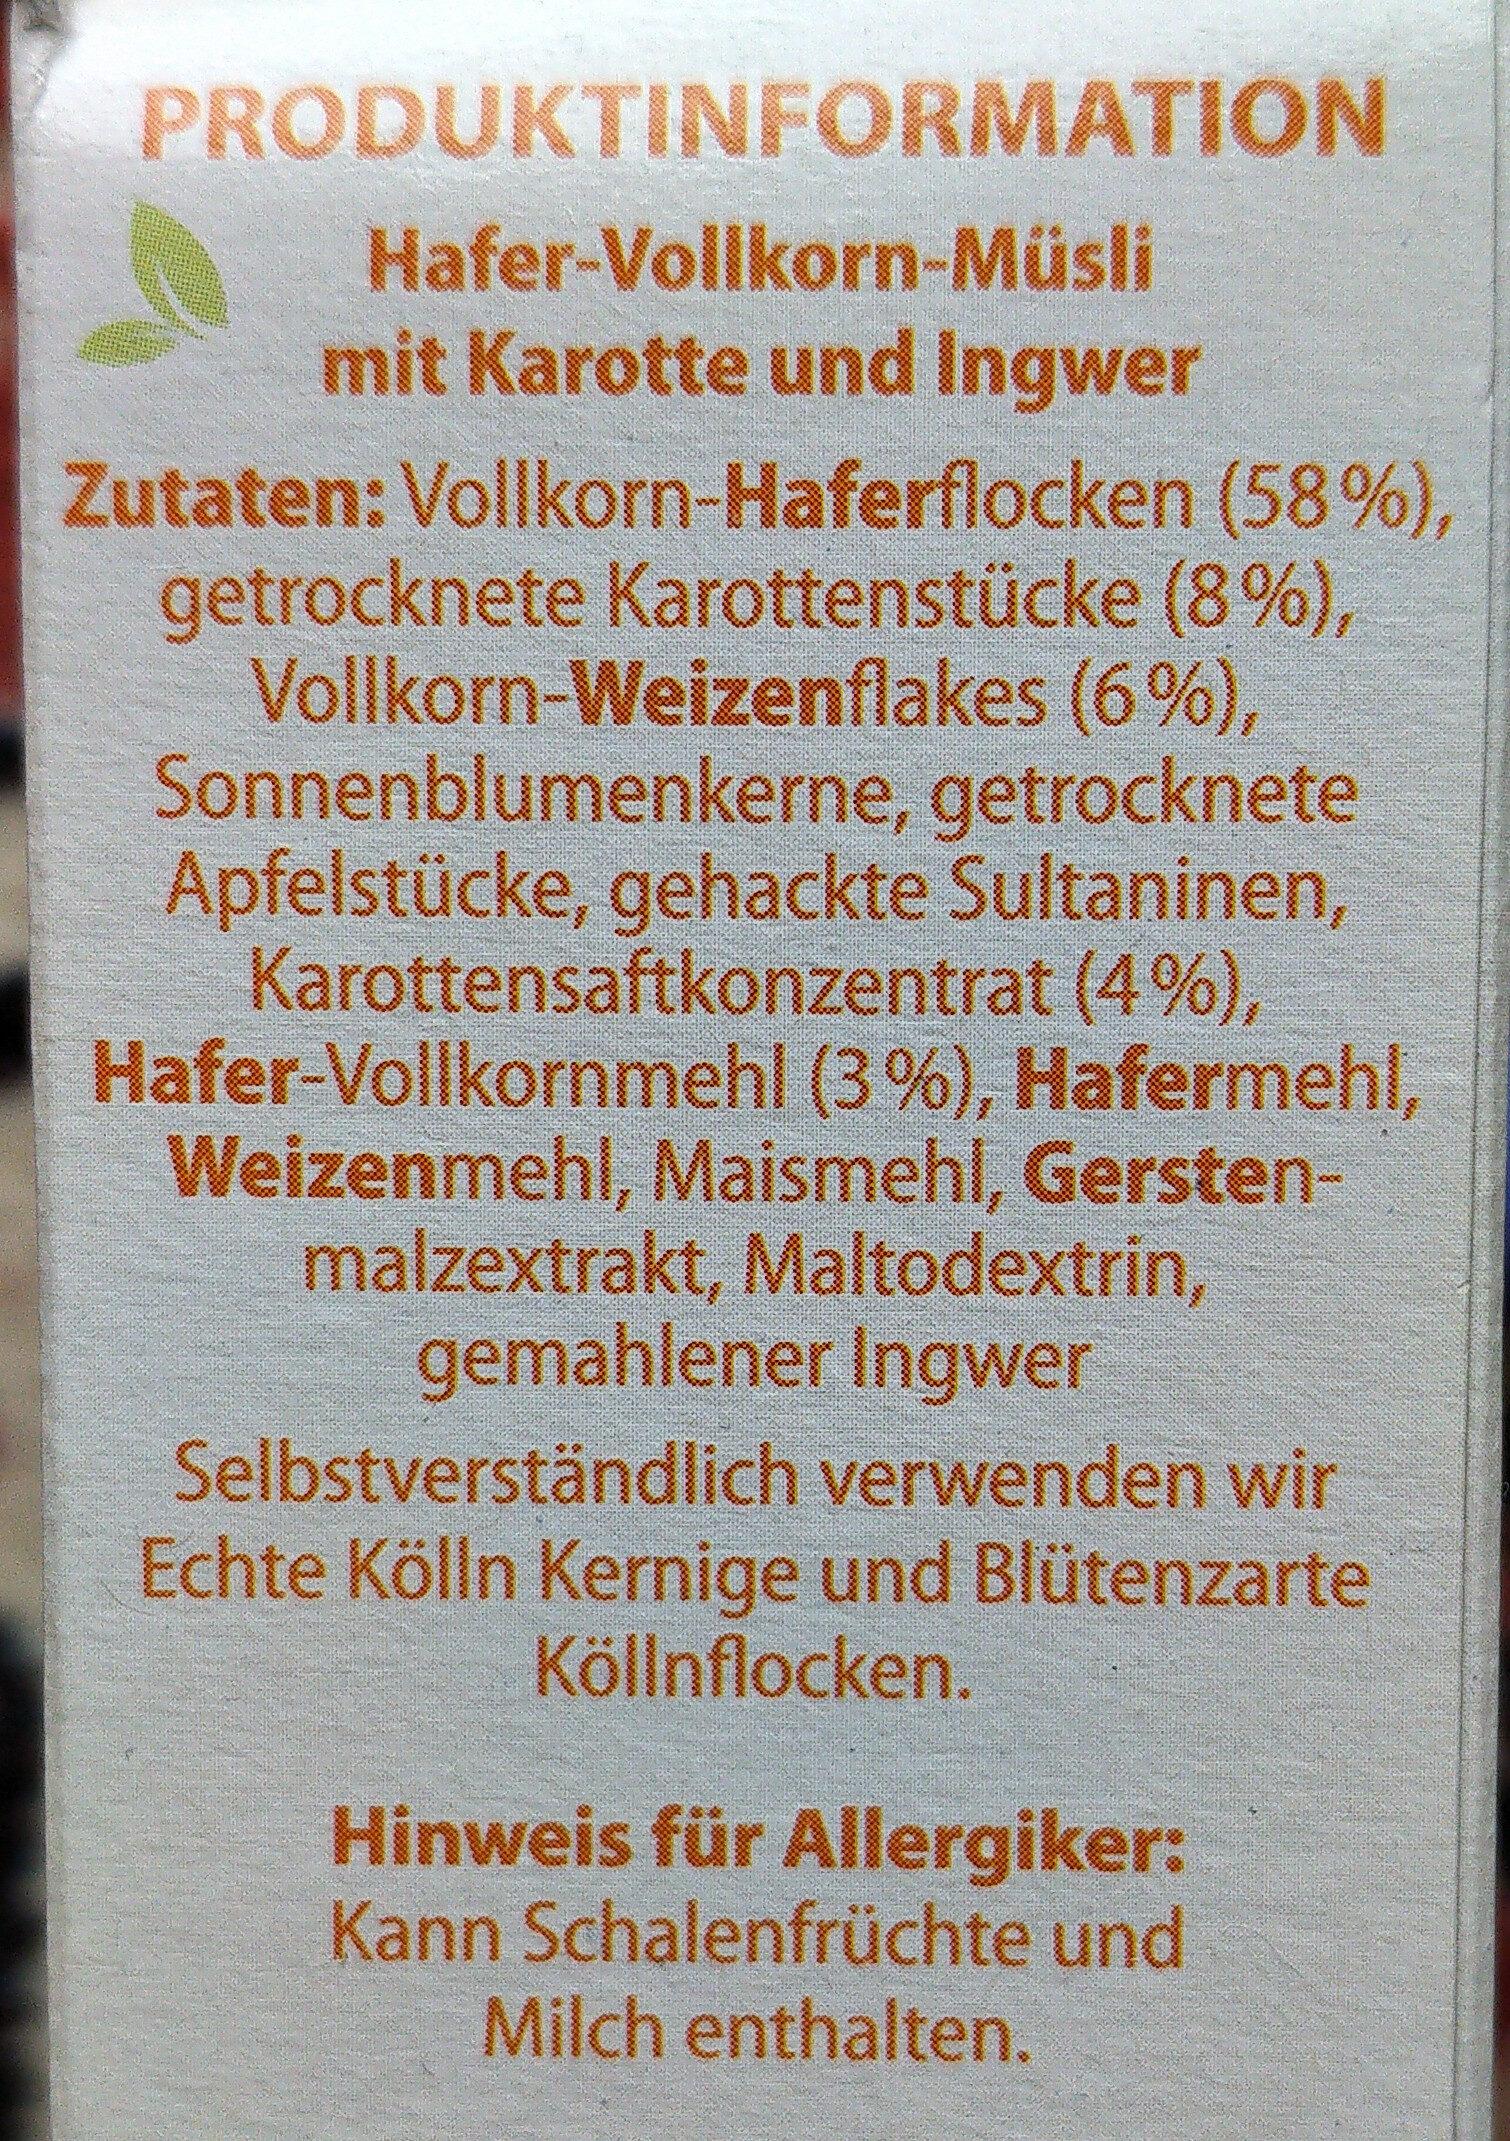 Veggie-Müsli Karotte & Ingwer - Ingredients